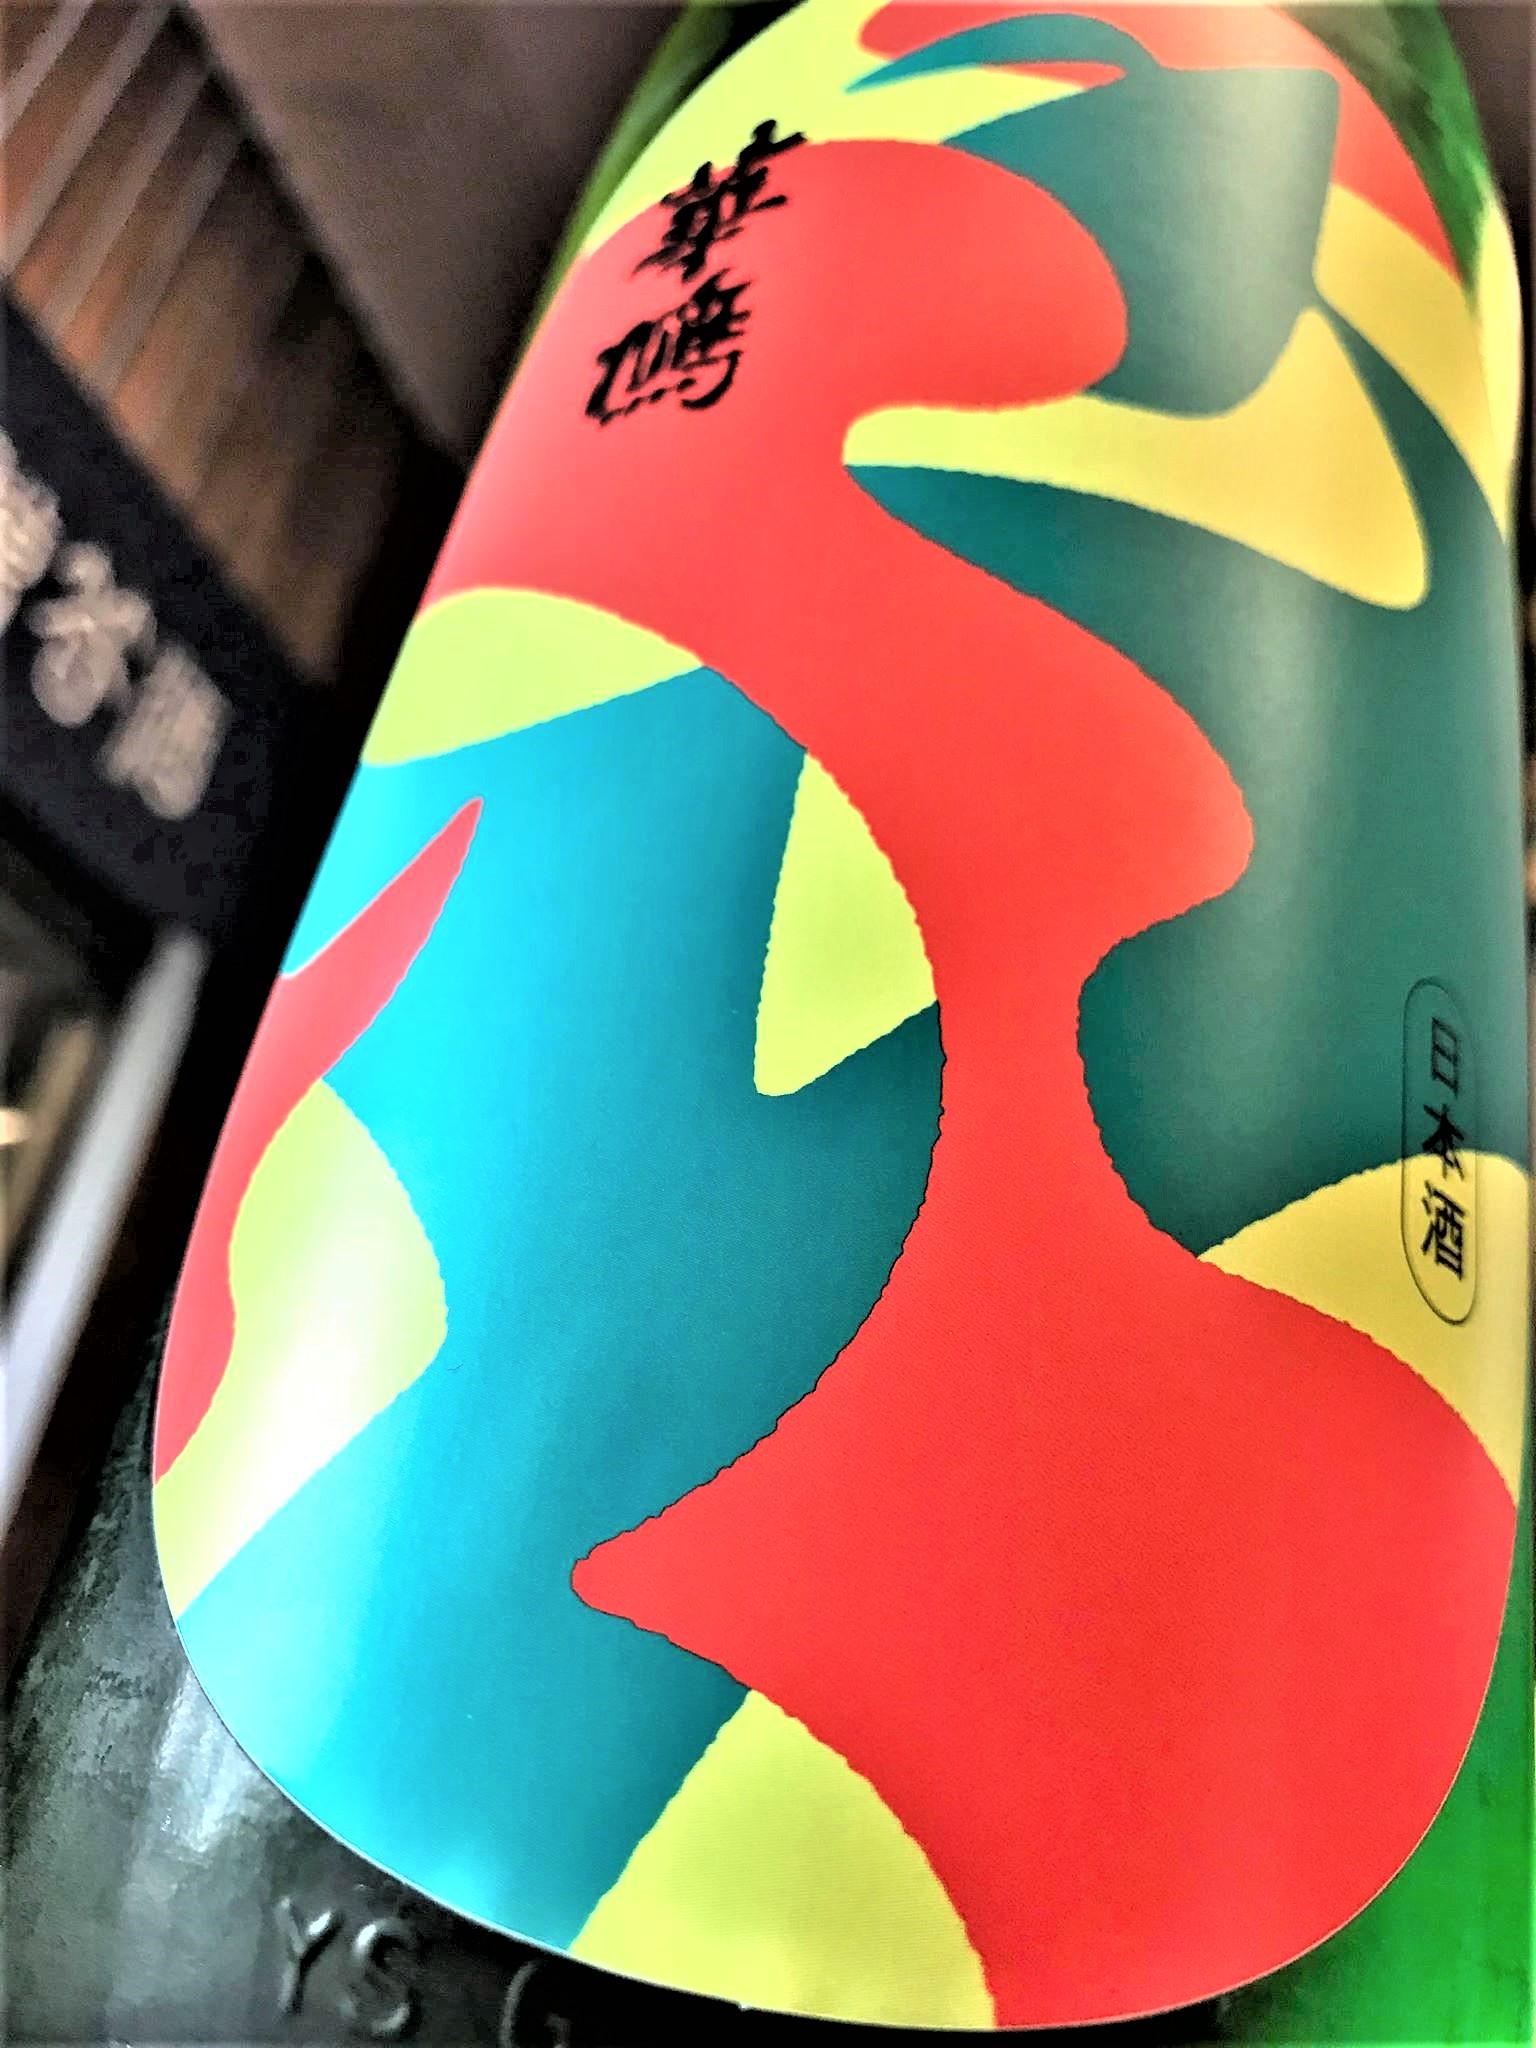 【日本酒】華鳩🕊味覚音♬ とぅるー すーん キュイーン。純米吟醸 こいおまち55磨き 限定 30BY🆕_e0173738_16243935.jpg